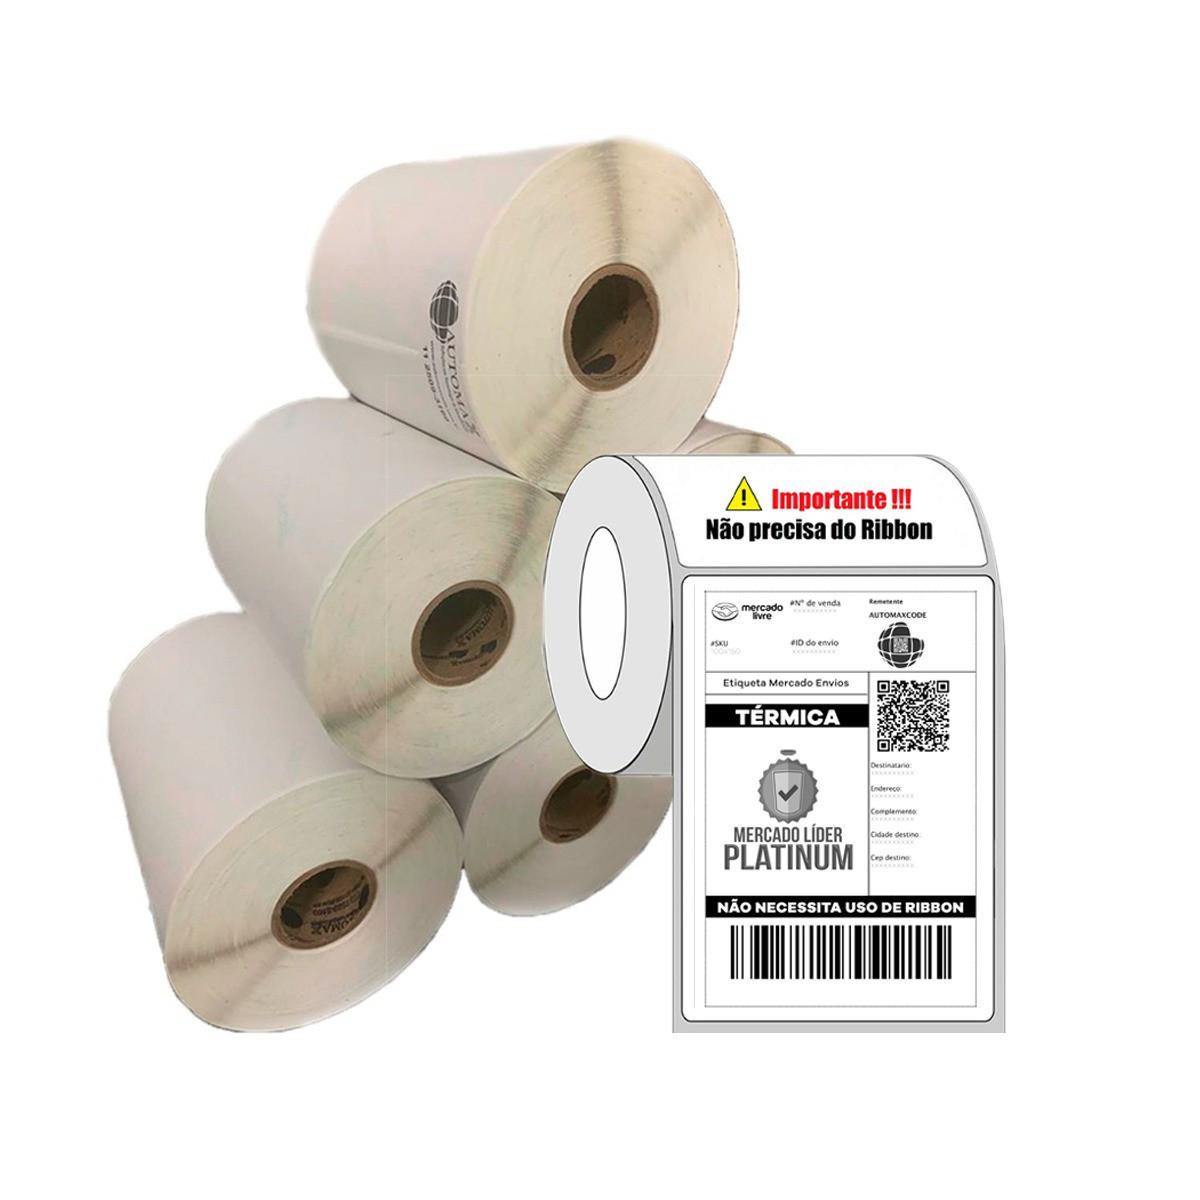 40 Rolos de Etiqueta Térmica 10x15cm | 100mmX150mm